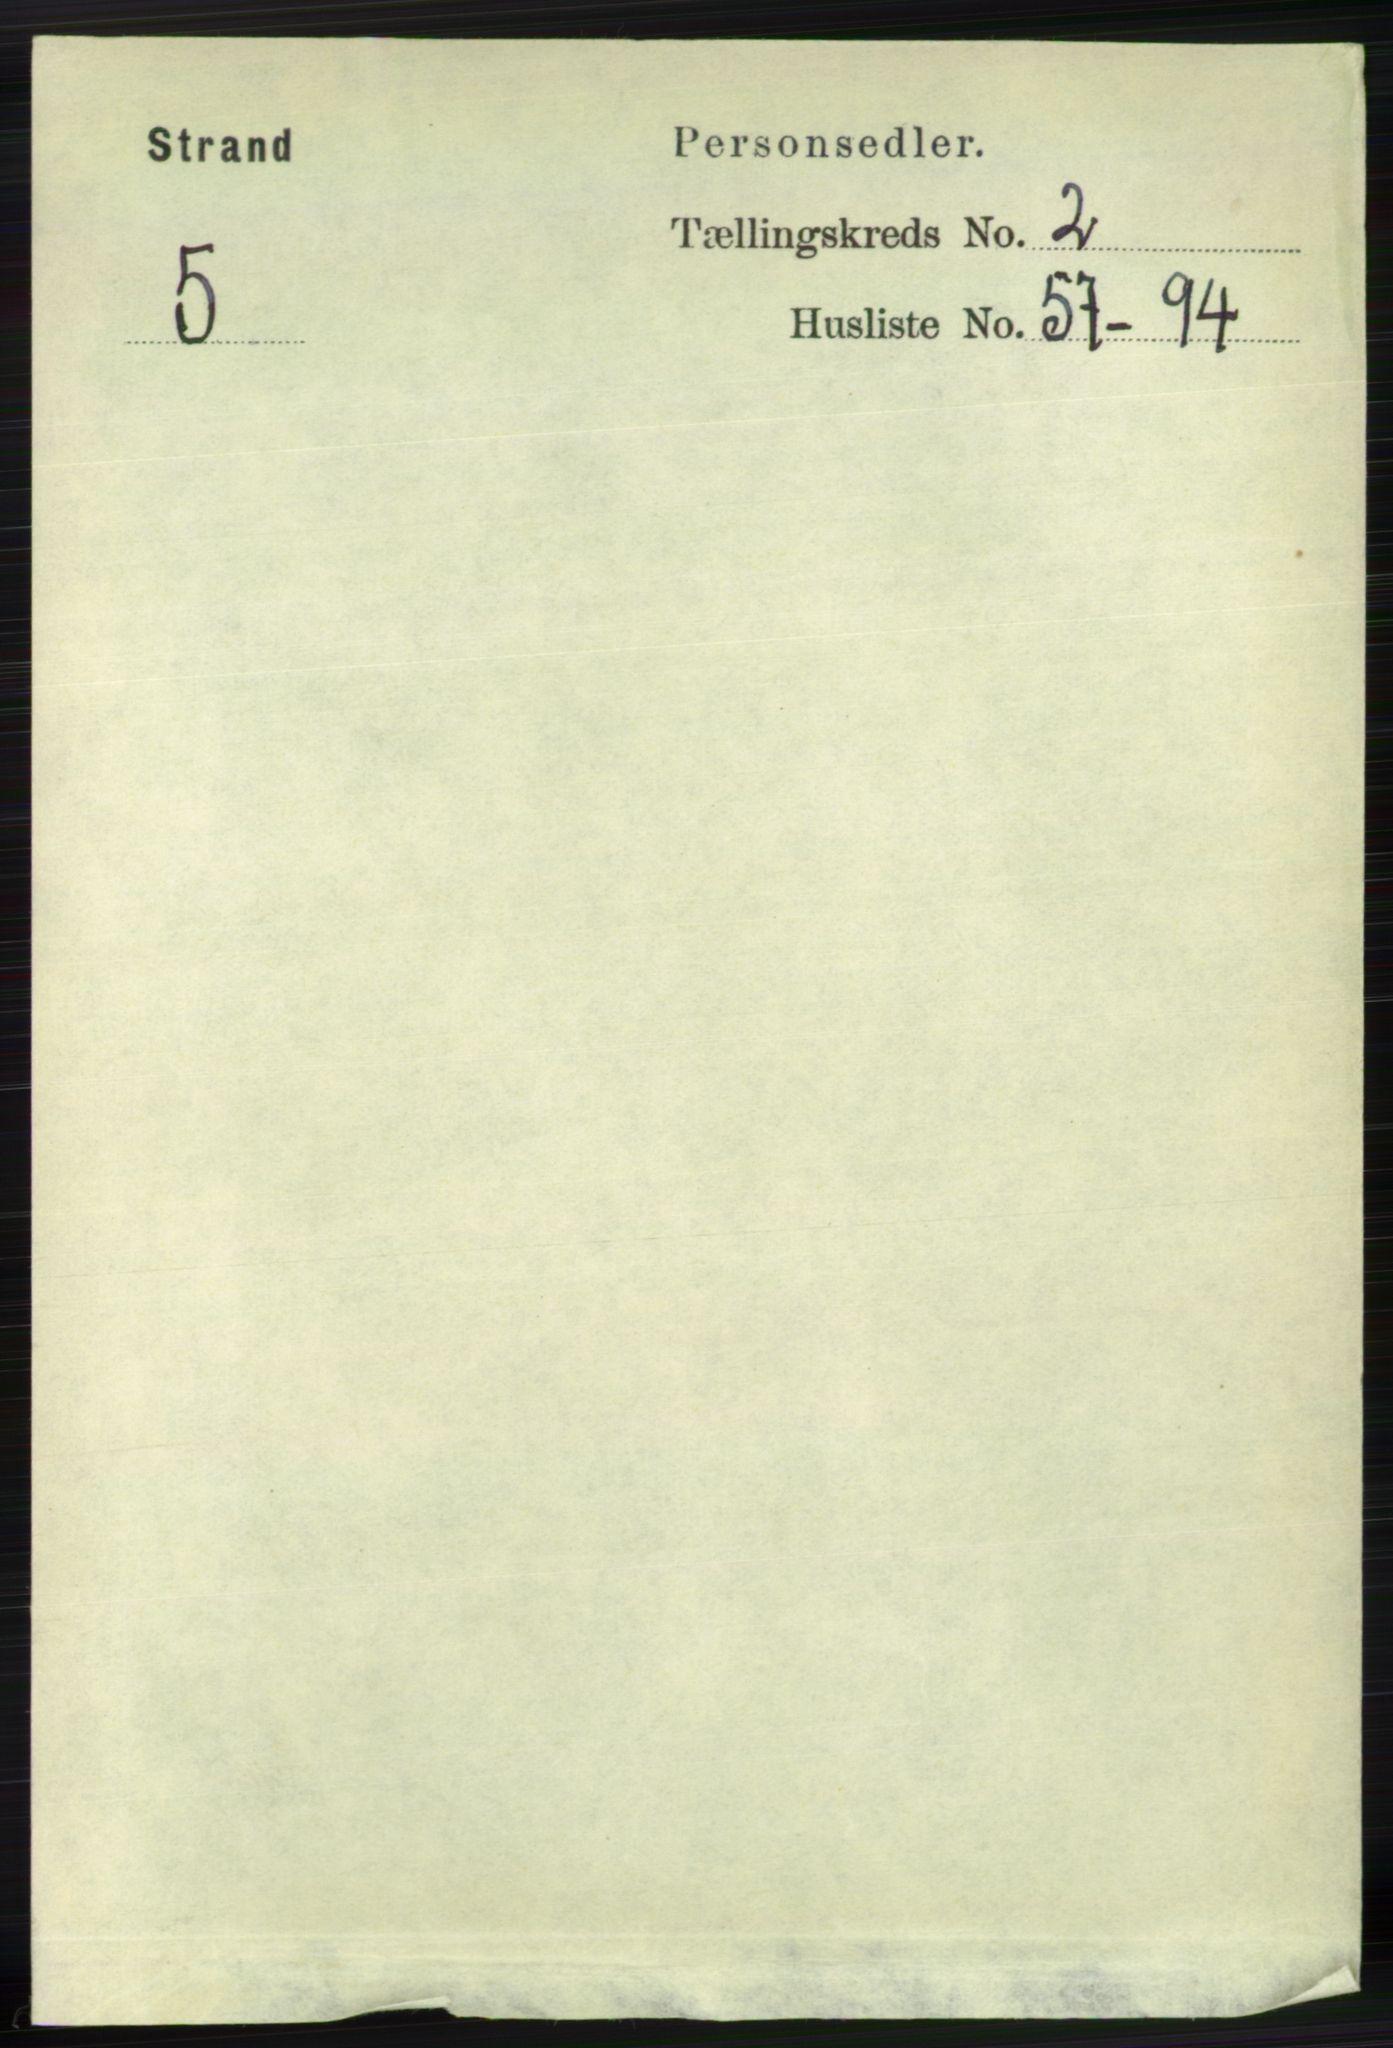 RA, Folketelling 1891 for 1130 Strand herred, 1891, s. 449